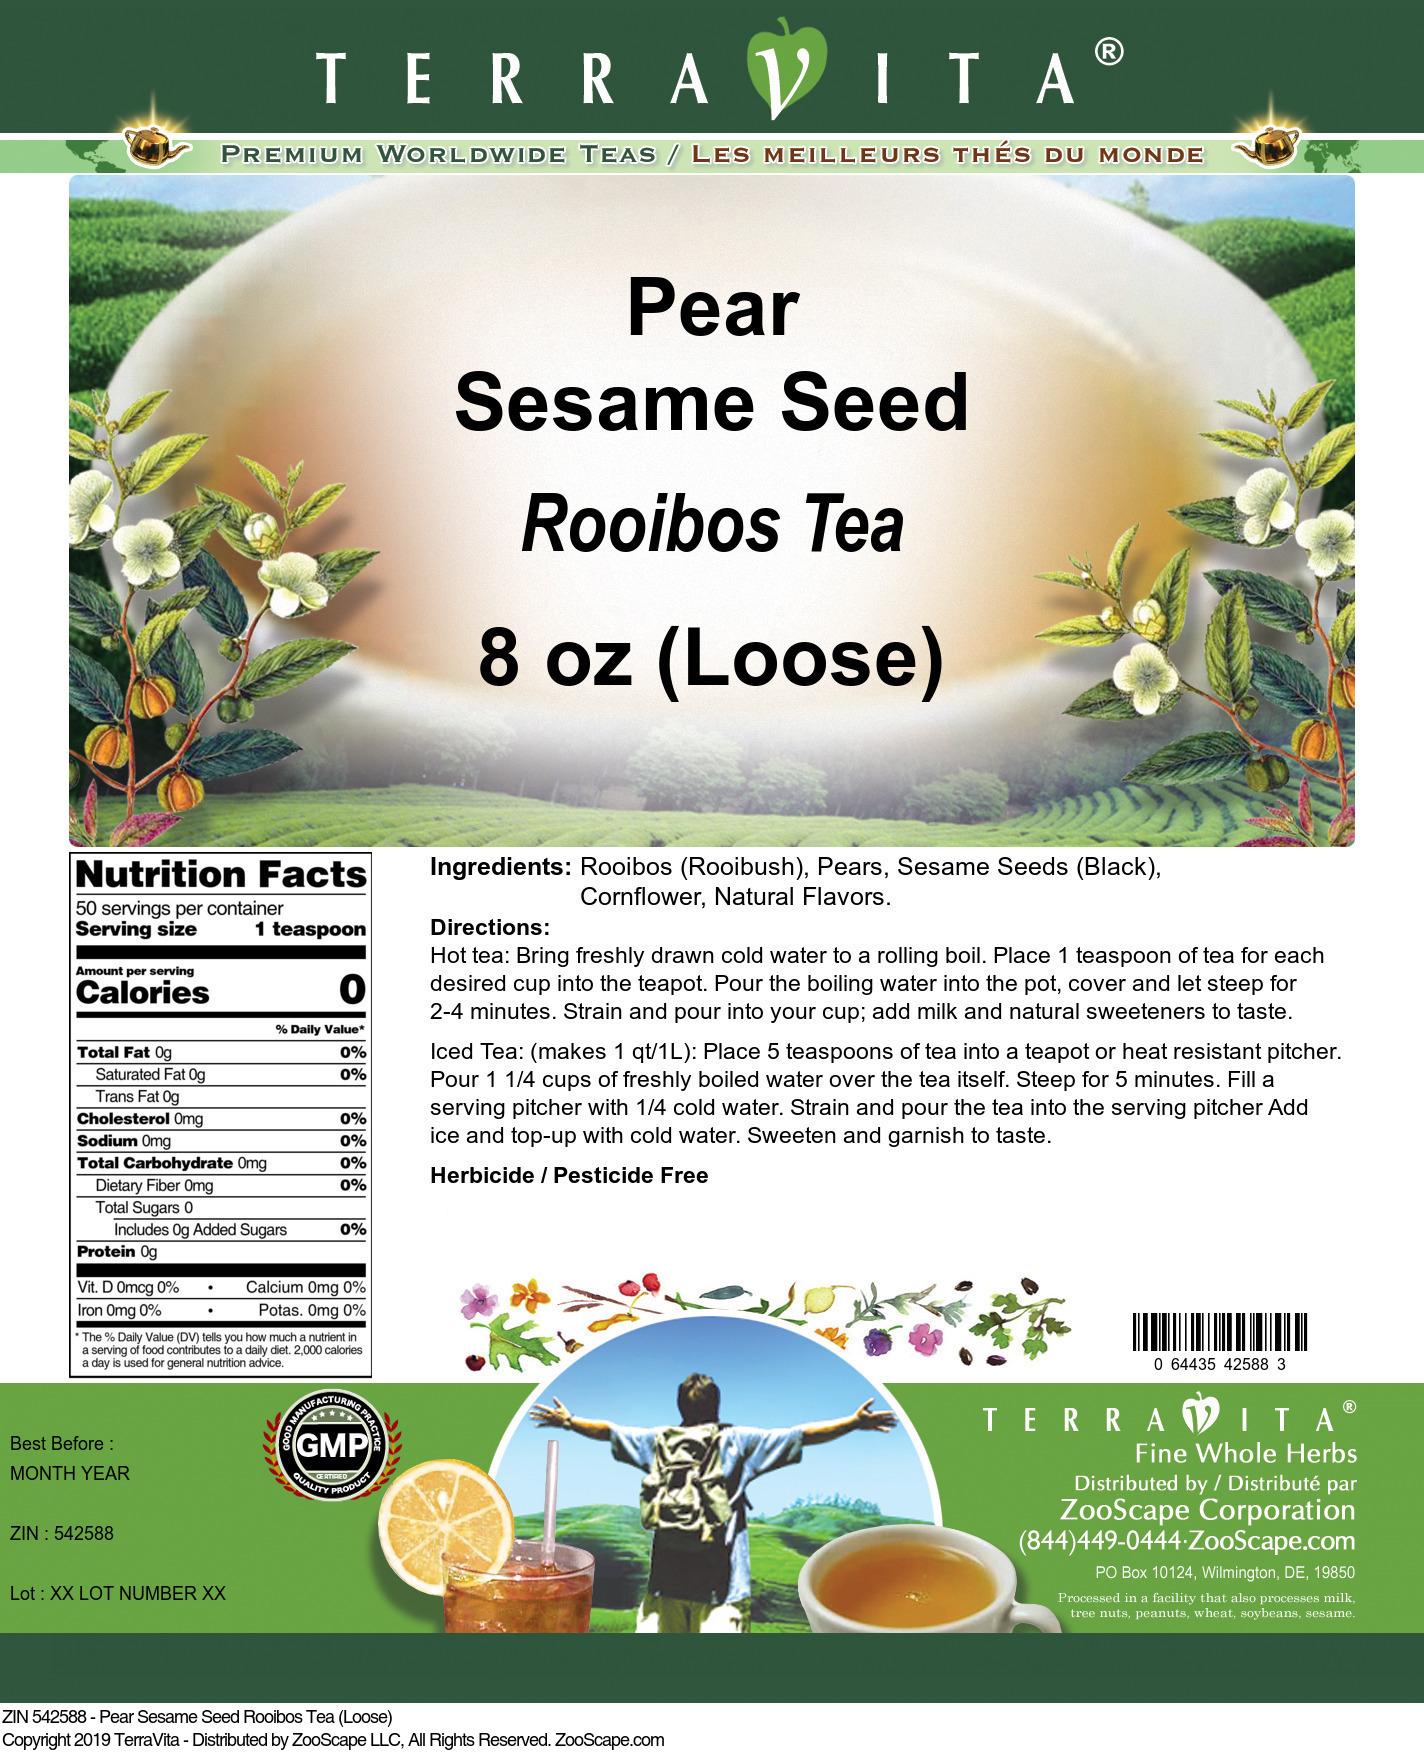 Pear Sesame Seed Rooibos Tea